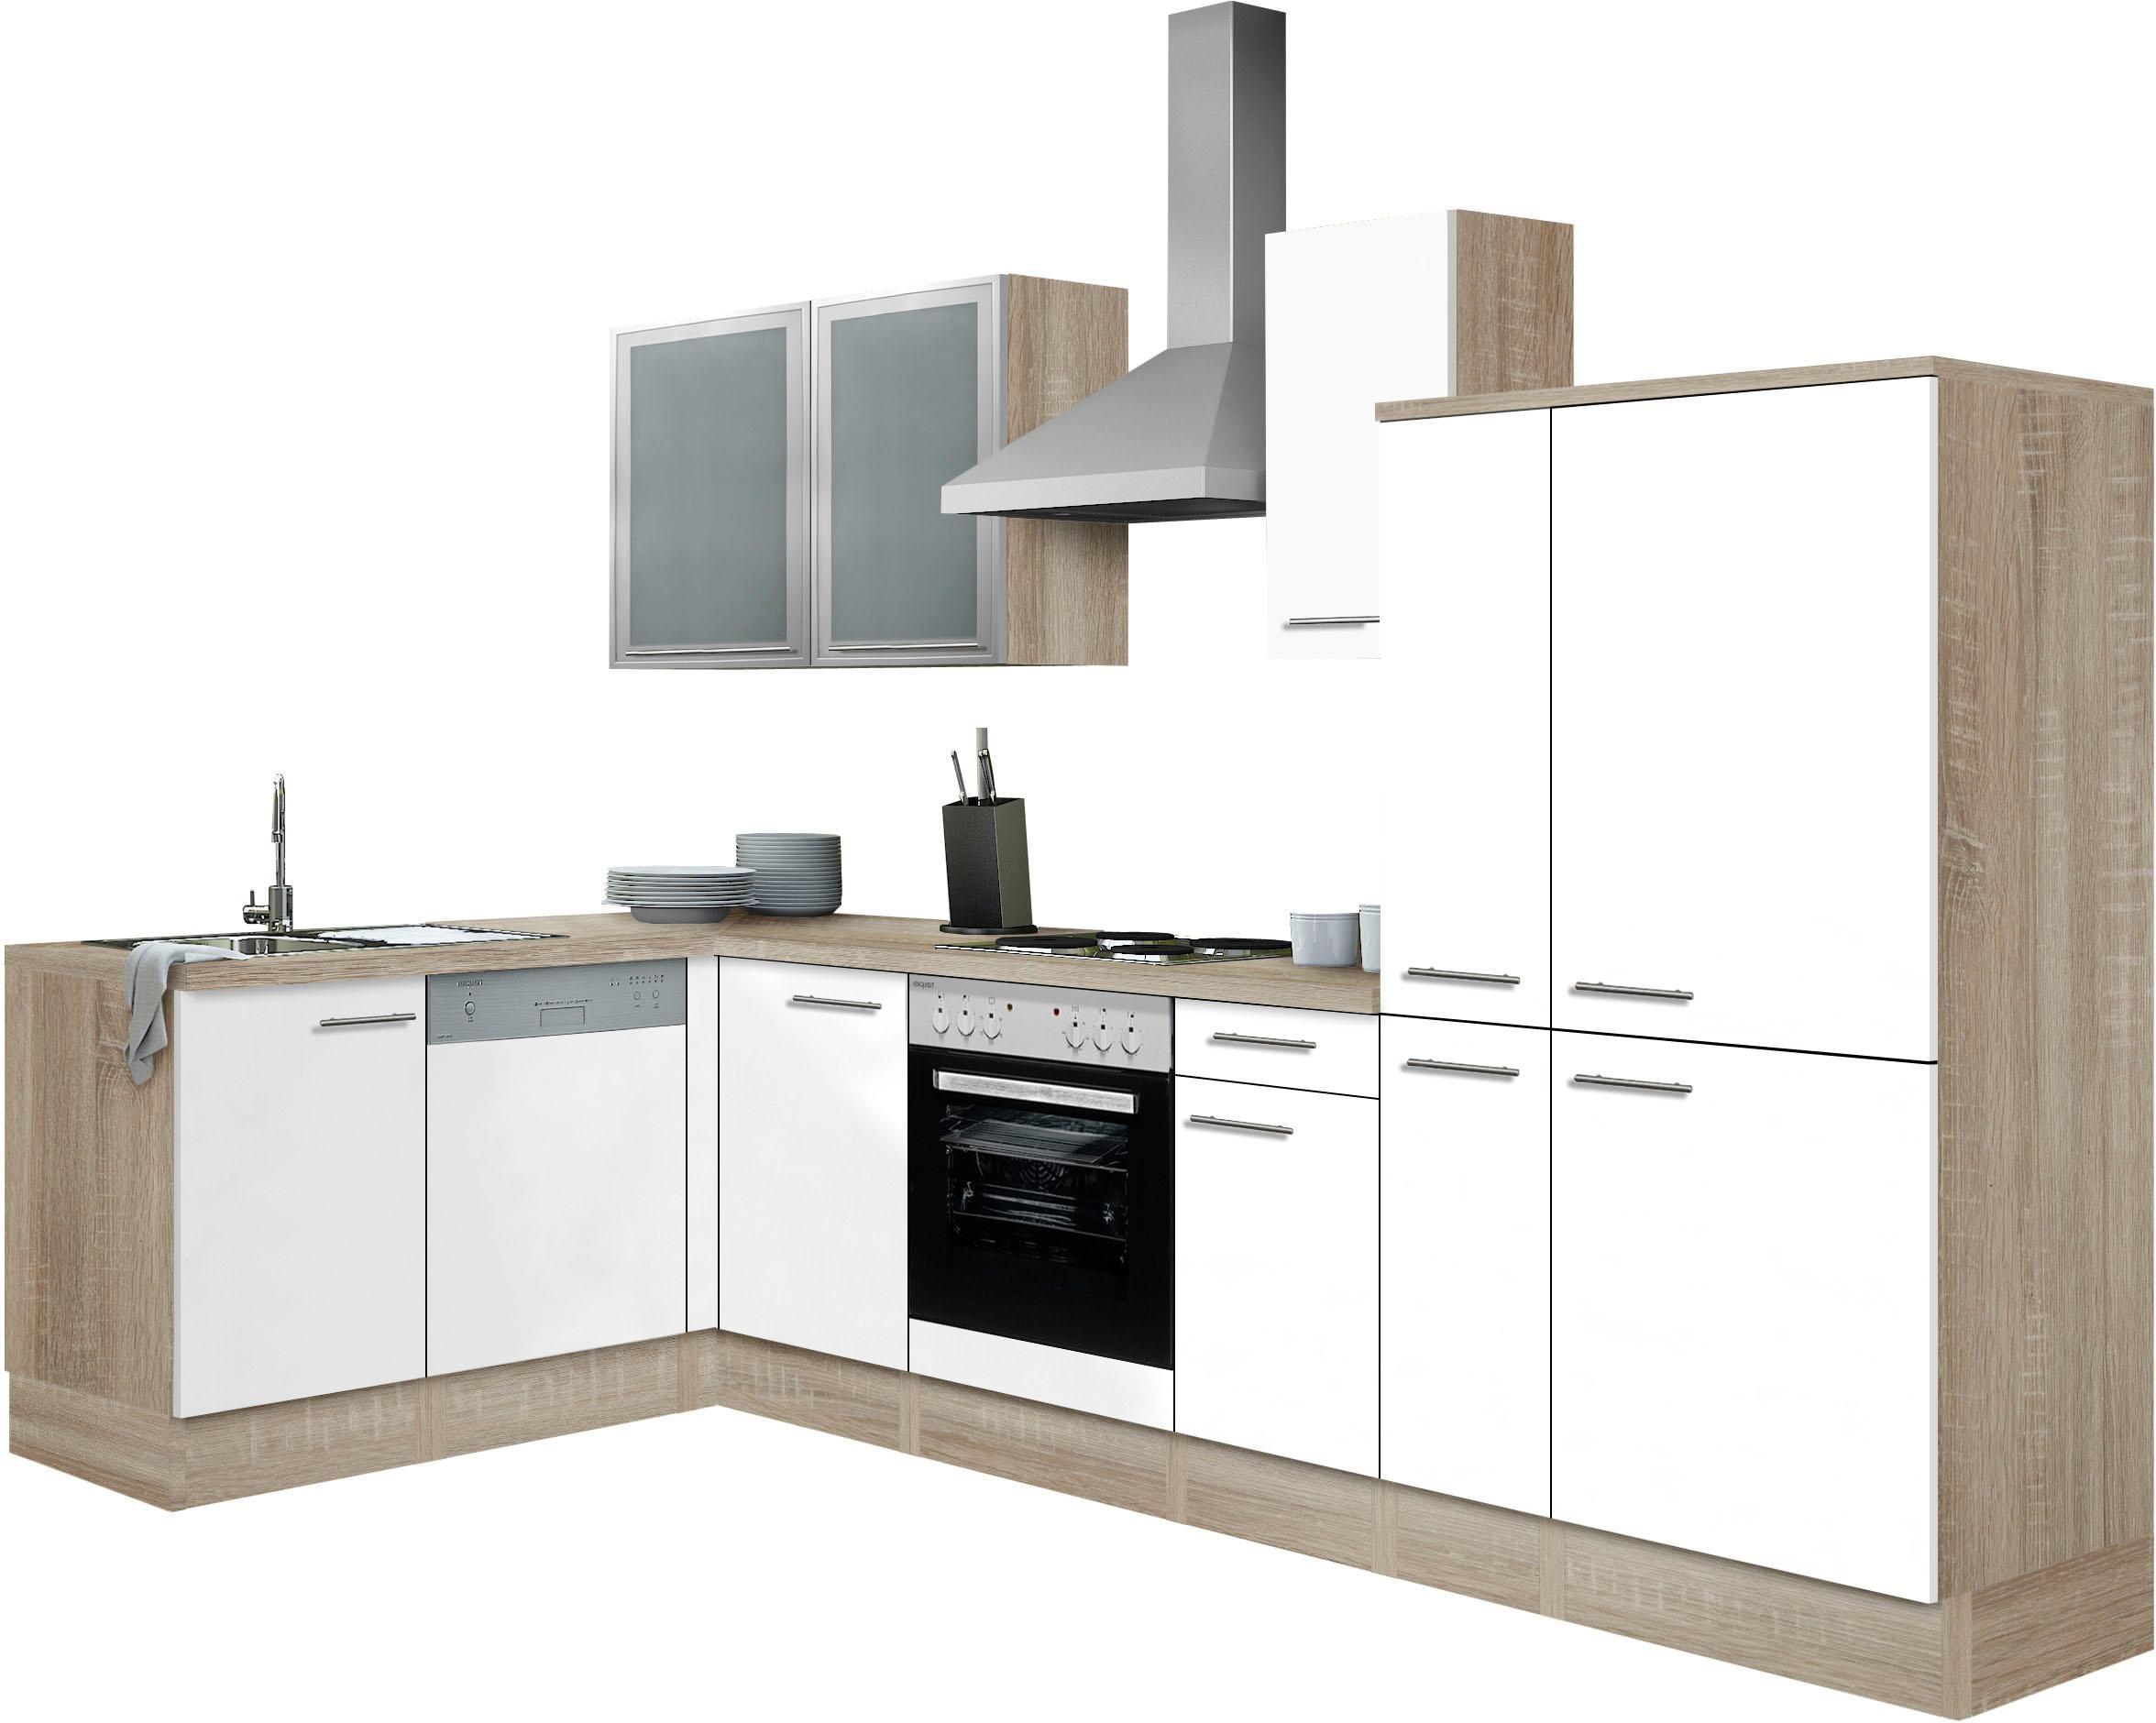 OPTIFIT Winkelküche Kalmar | Küche und Esszimmer > Küchen > Winkelküchen | Weiß | Optifit